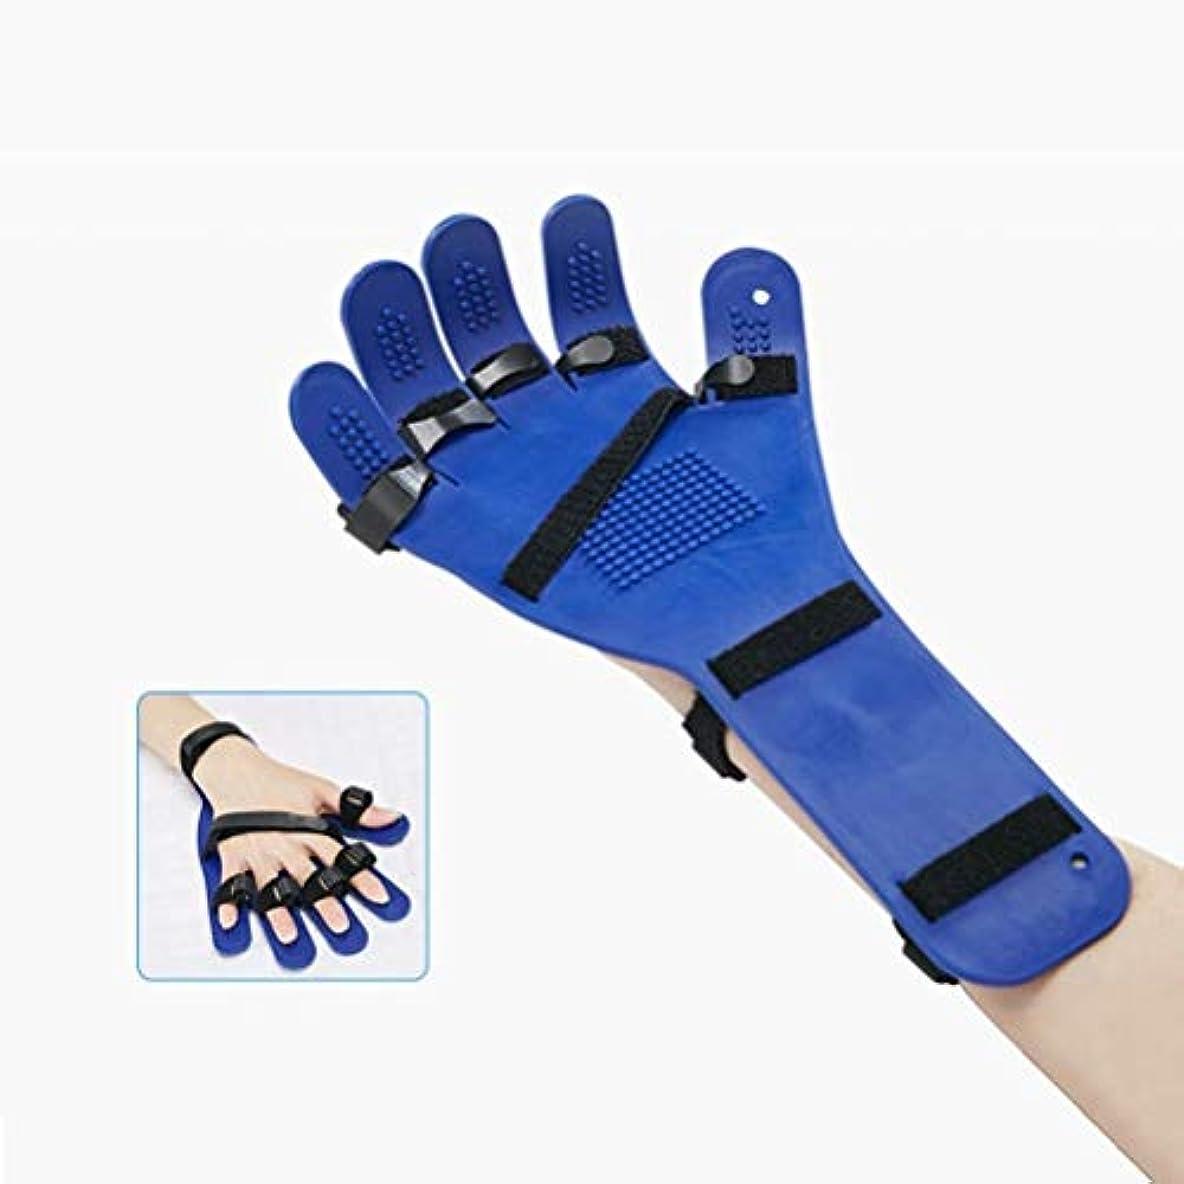 限りなく野生めんどり指矯正器具 指の訓練装置 指の添え木指板 手指用ストレッチボード 調節可能 フィンガー 左右手通用 脳卒中片麻痺患者 手首リハビリテーション訓練装置 強化版 (Size : A)